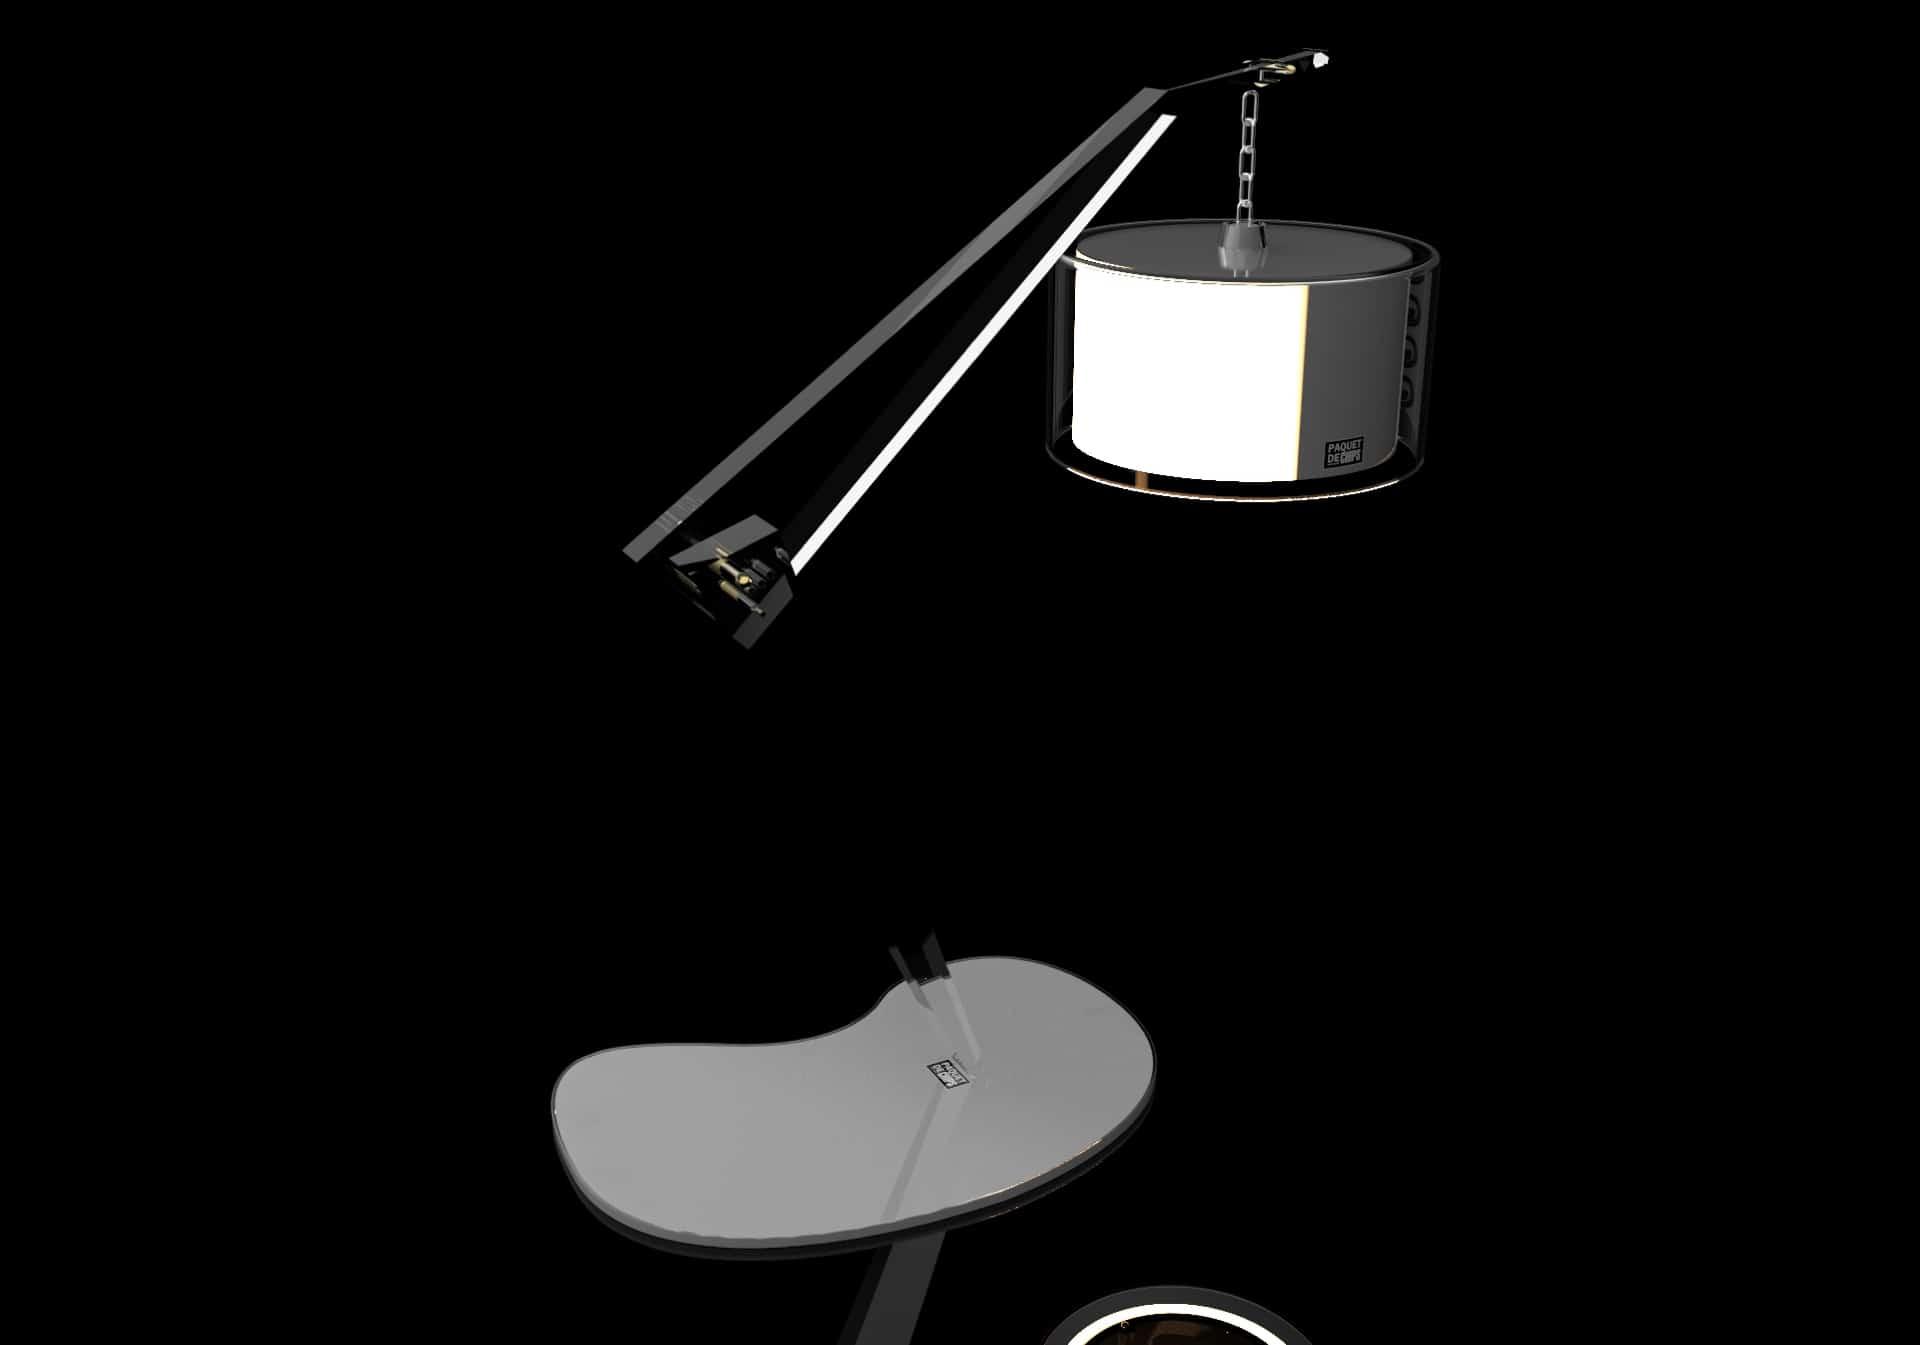 Couverture projet Sérénité Rent - Paquet de chips - TD Design designer produit, modeleur 3D